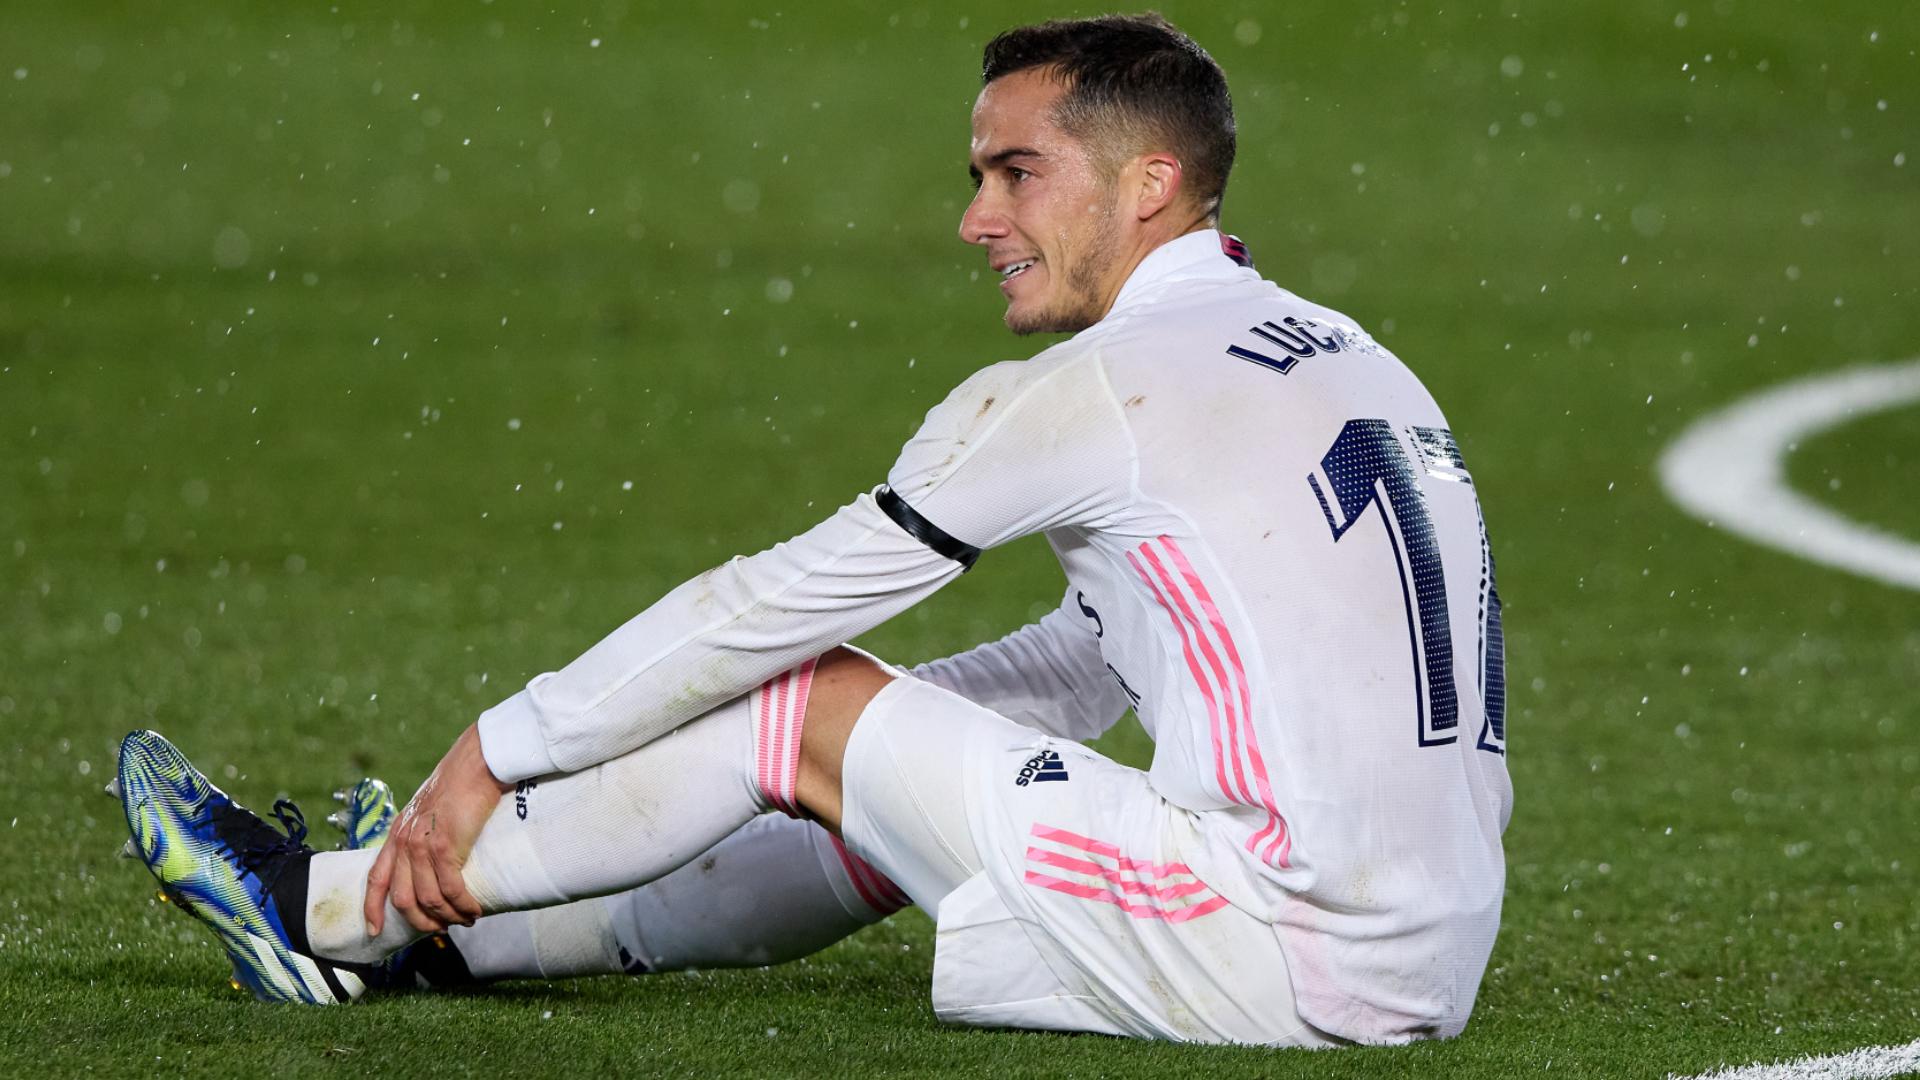 Season over for Lucas Vazquez as Real Madrid confirm knee ligament sprain